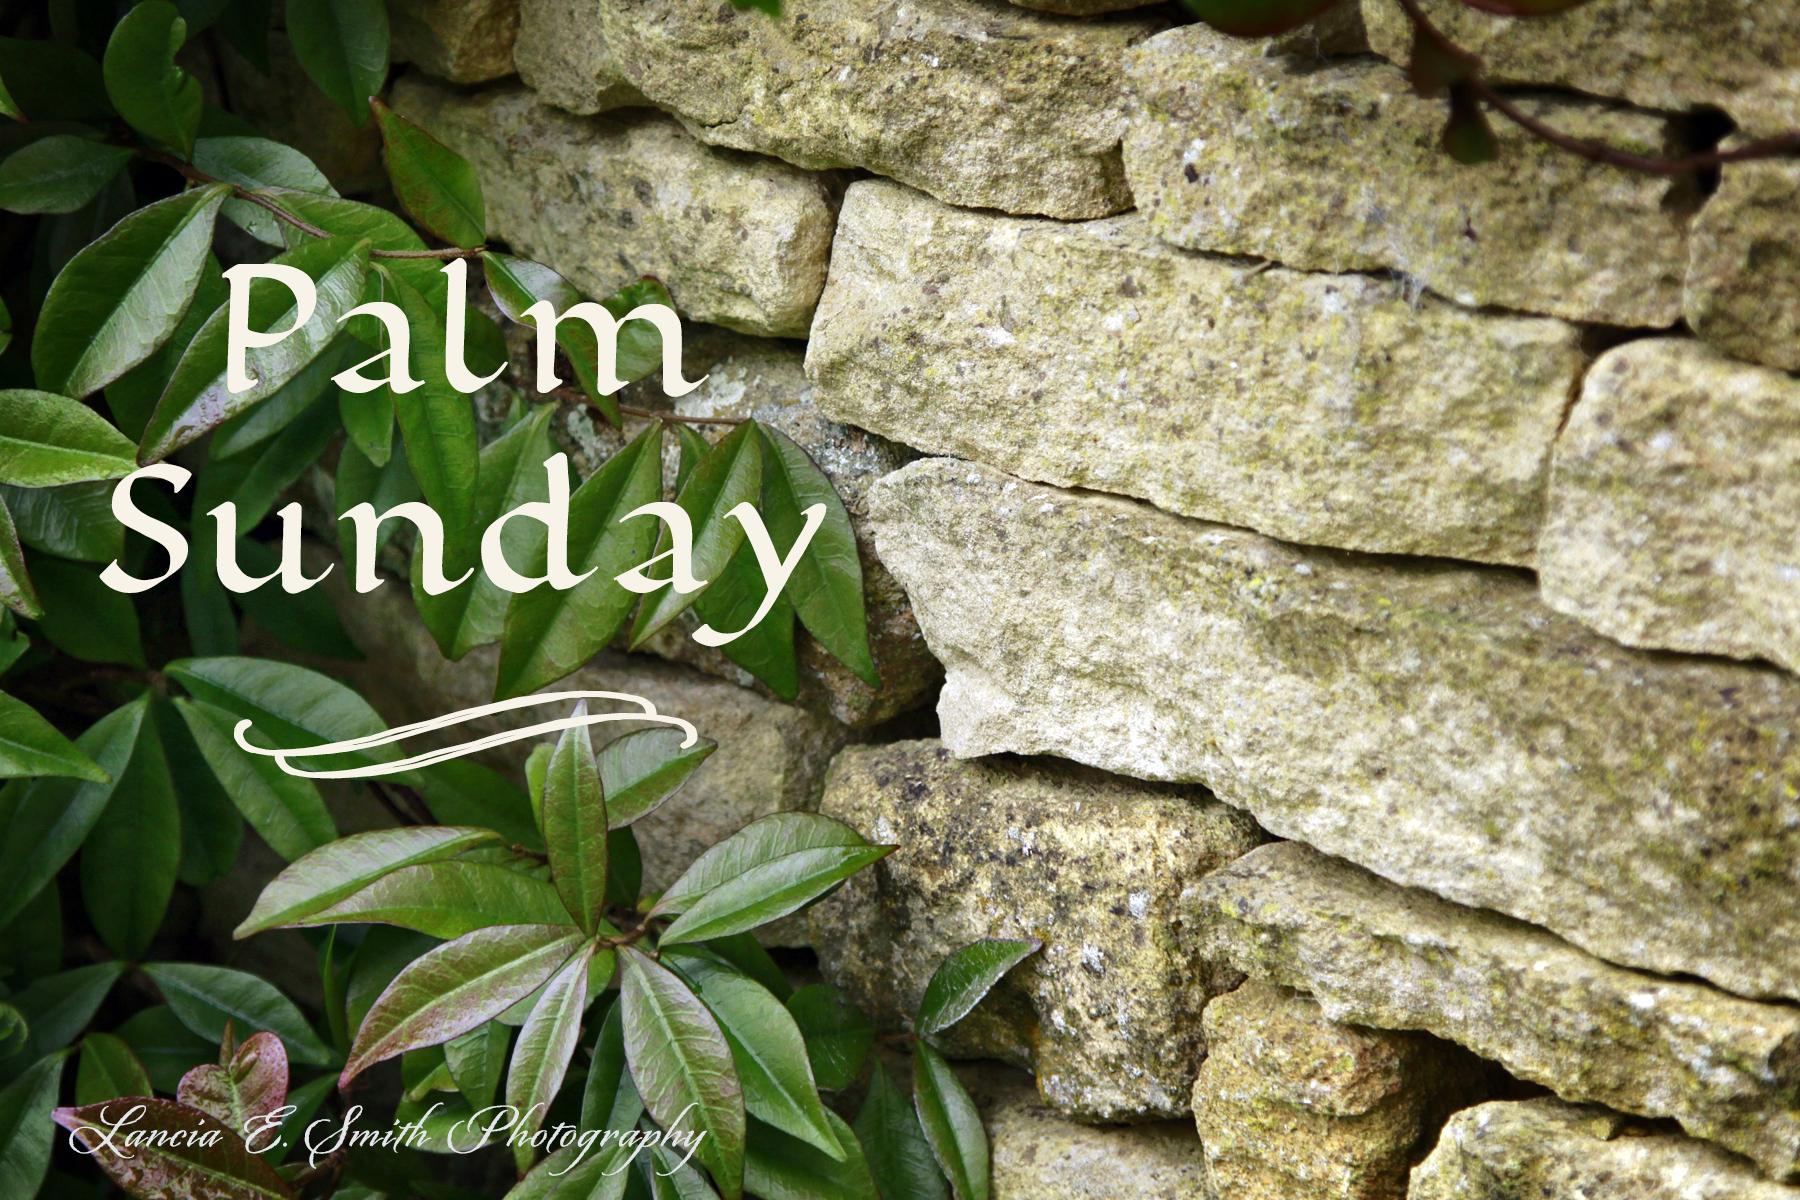 palm sunday - photo #10